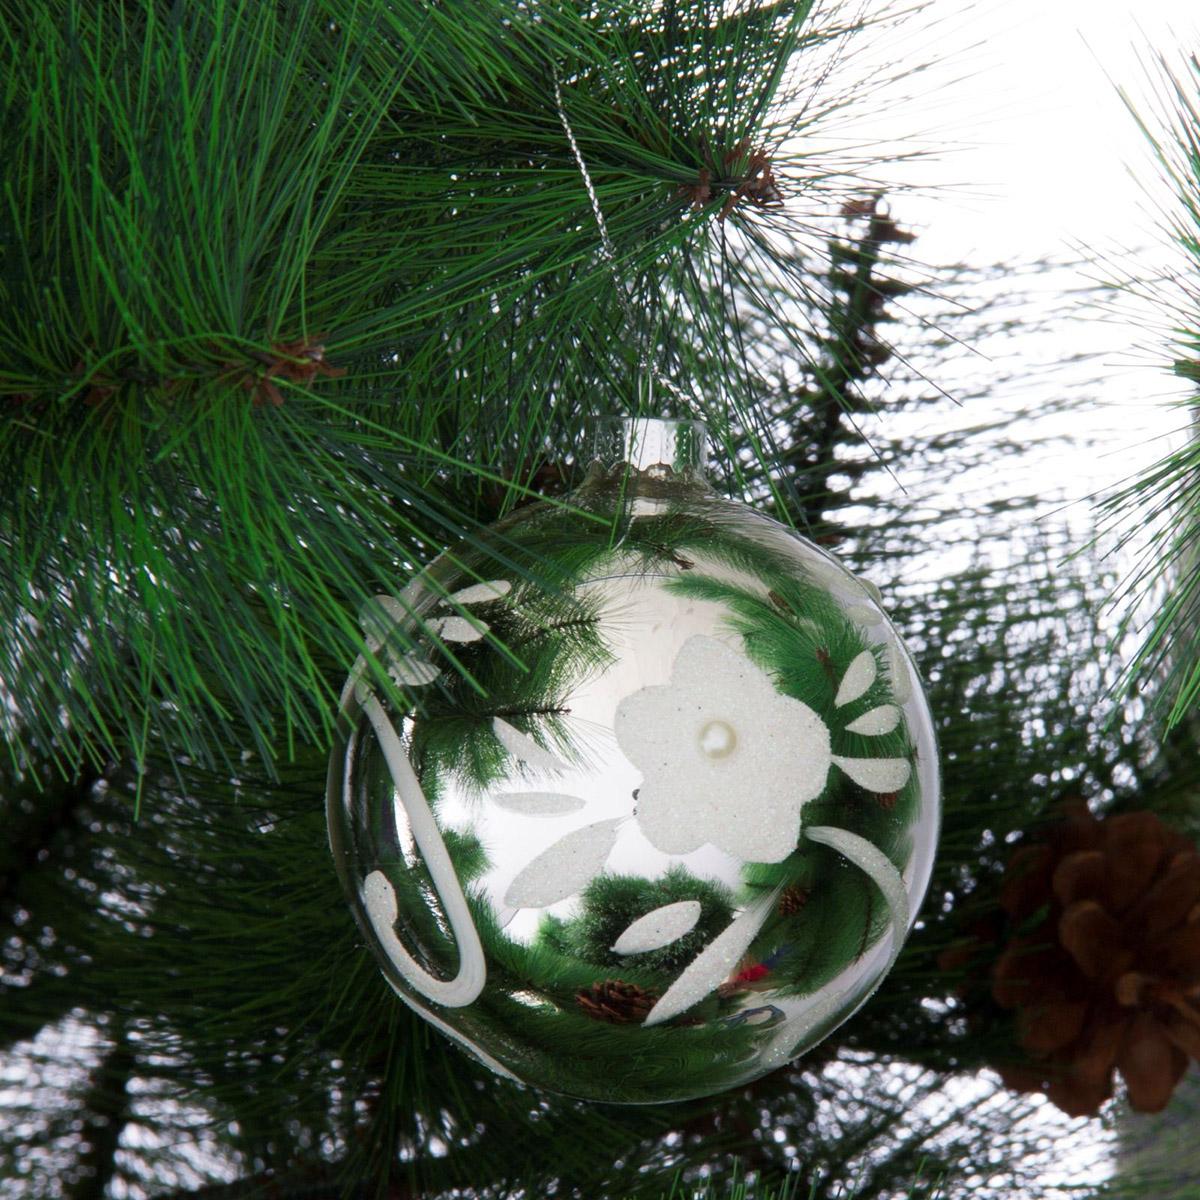 Новогоднее подвесное украшение Sima-land Цветочный всплеск, диаметр 8 см188651Новогоднее украшение Sima-land отлично подойдет для декорации вашего дома и новогодней ели. Елочная игрушка - символ Нового года. Она несет в себе волшебство и красоту праздника. Такое украшение создаст в вашем доме атмосферу праздника, веселья и радости.